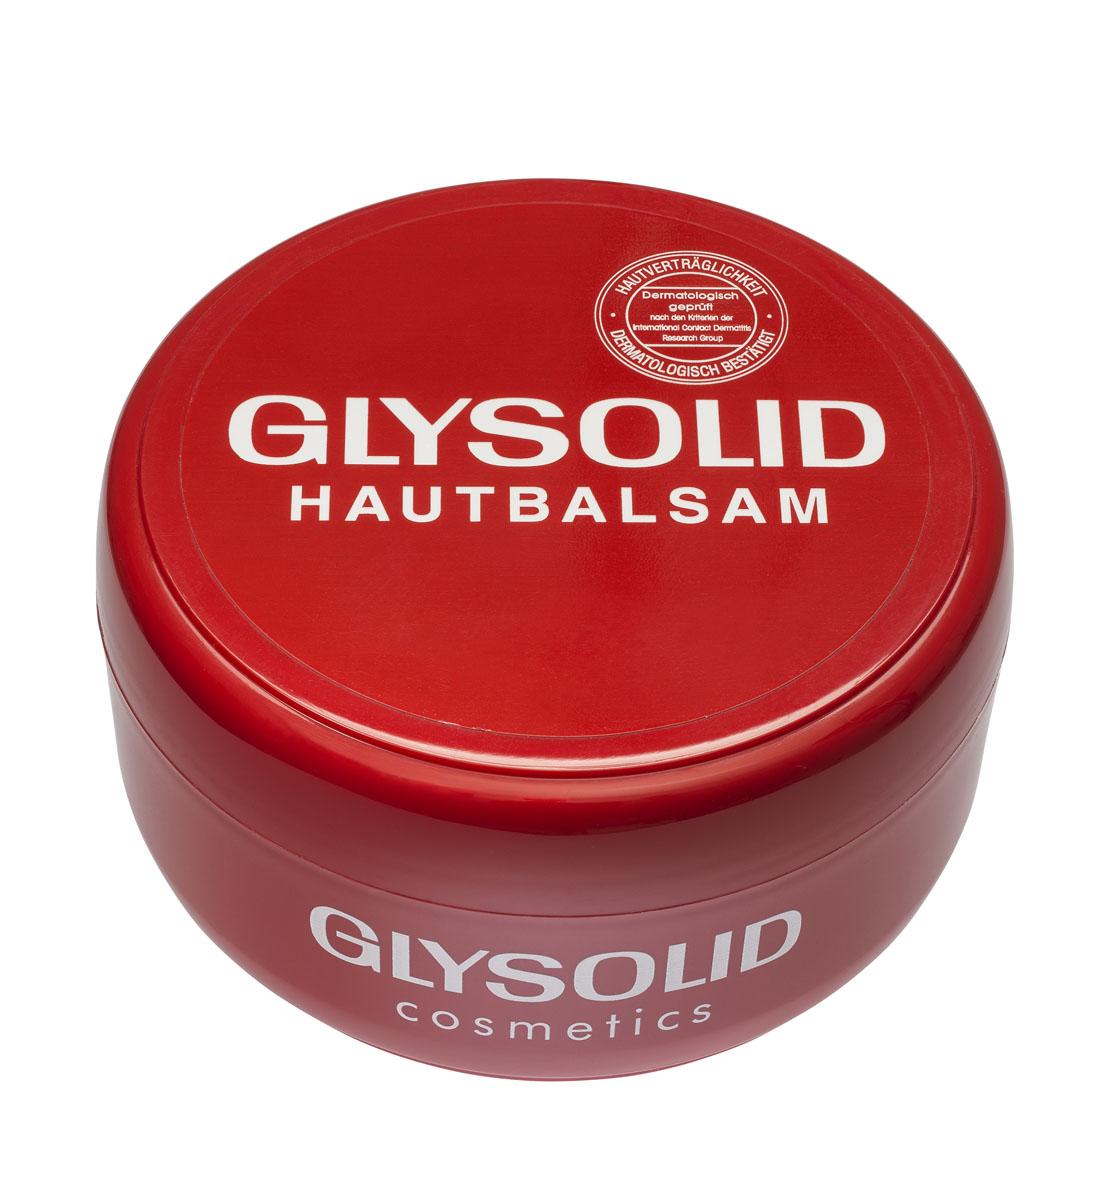 Glysolid Бальзам для кожи рук 200 млFS-00897Бальзам для кожи Glysolid - быстрая помощь для потрескавшейся и сухой кожи. Glysolid питает, заживляет раны, поддерживает регенерацию кожи, одновременно защищая ее. Без запаха. Гипоаллергенен. При регулярном применении быстро и надолго улучшит состояние Вашей кожи. Для всей семьи на каждый день. Подходит для детей с первых дней жизни и людям с заболеваниями кожного покрова. Без консервантов, красителей, парабенов, дерматологически протестирован.